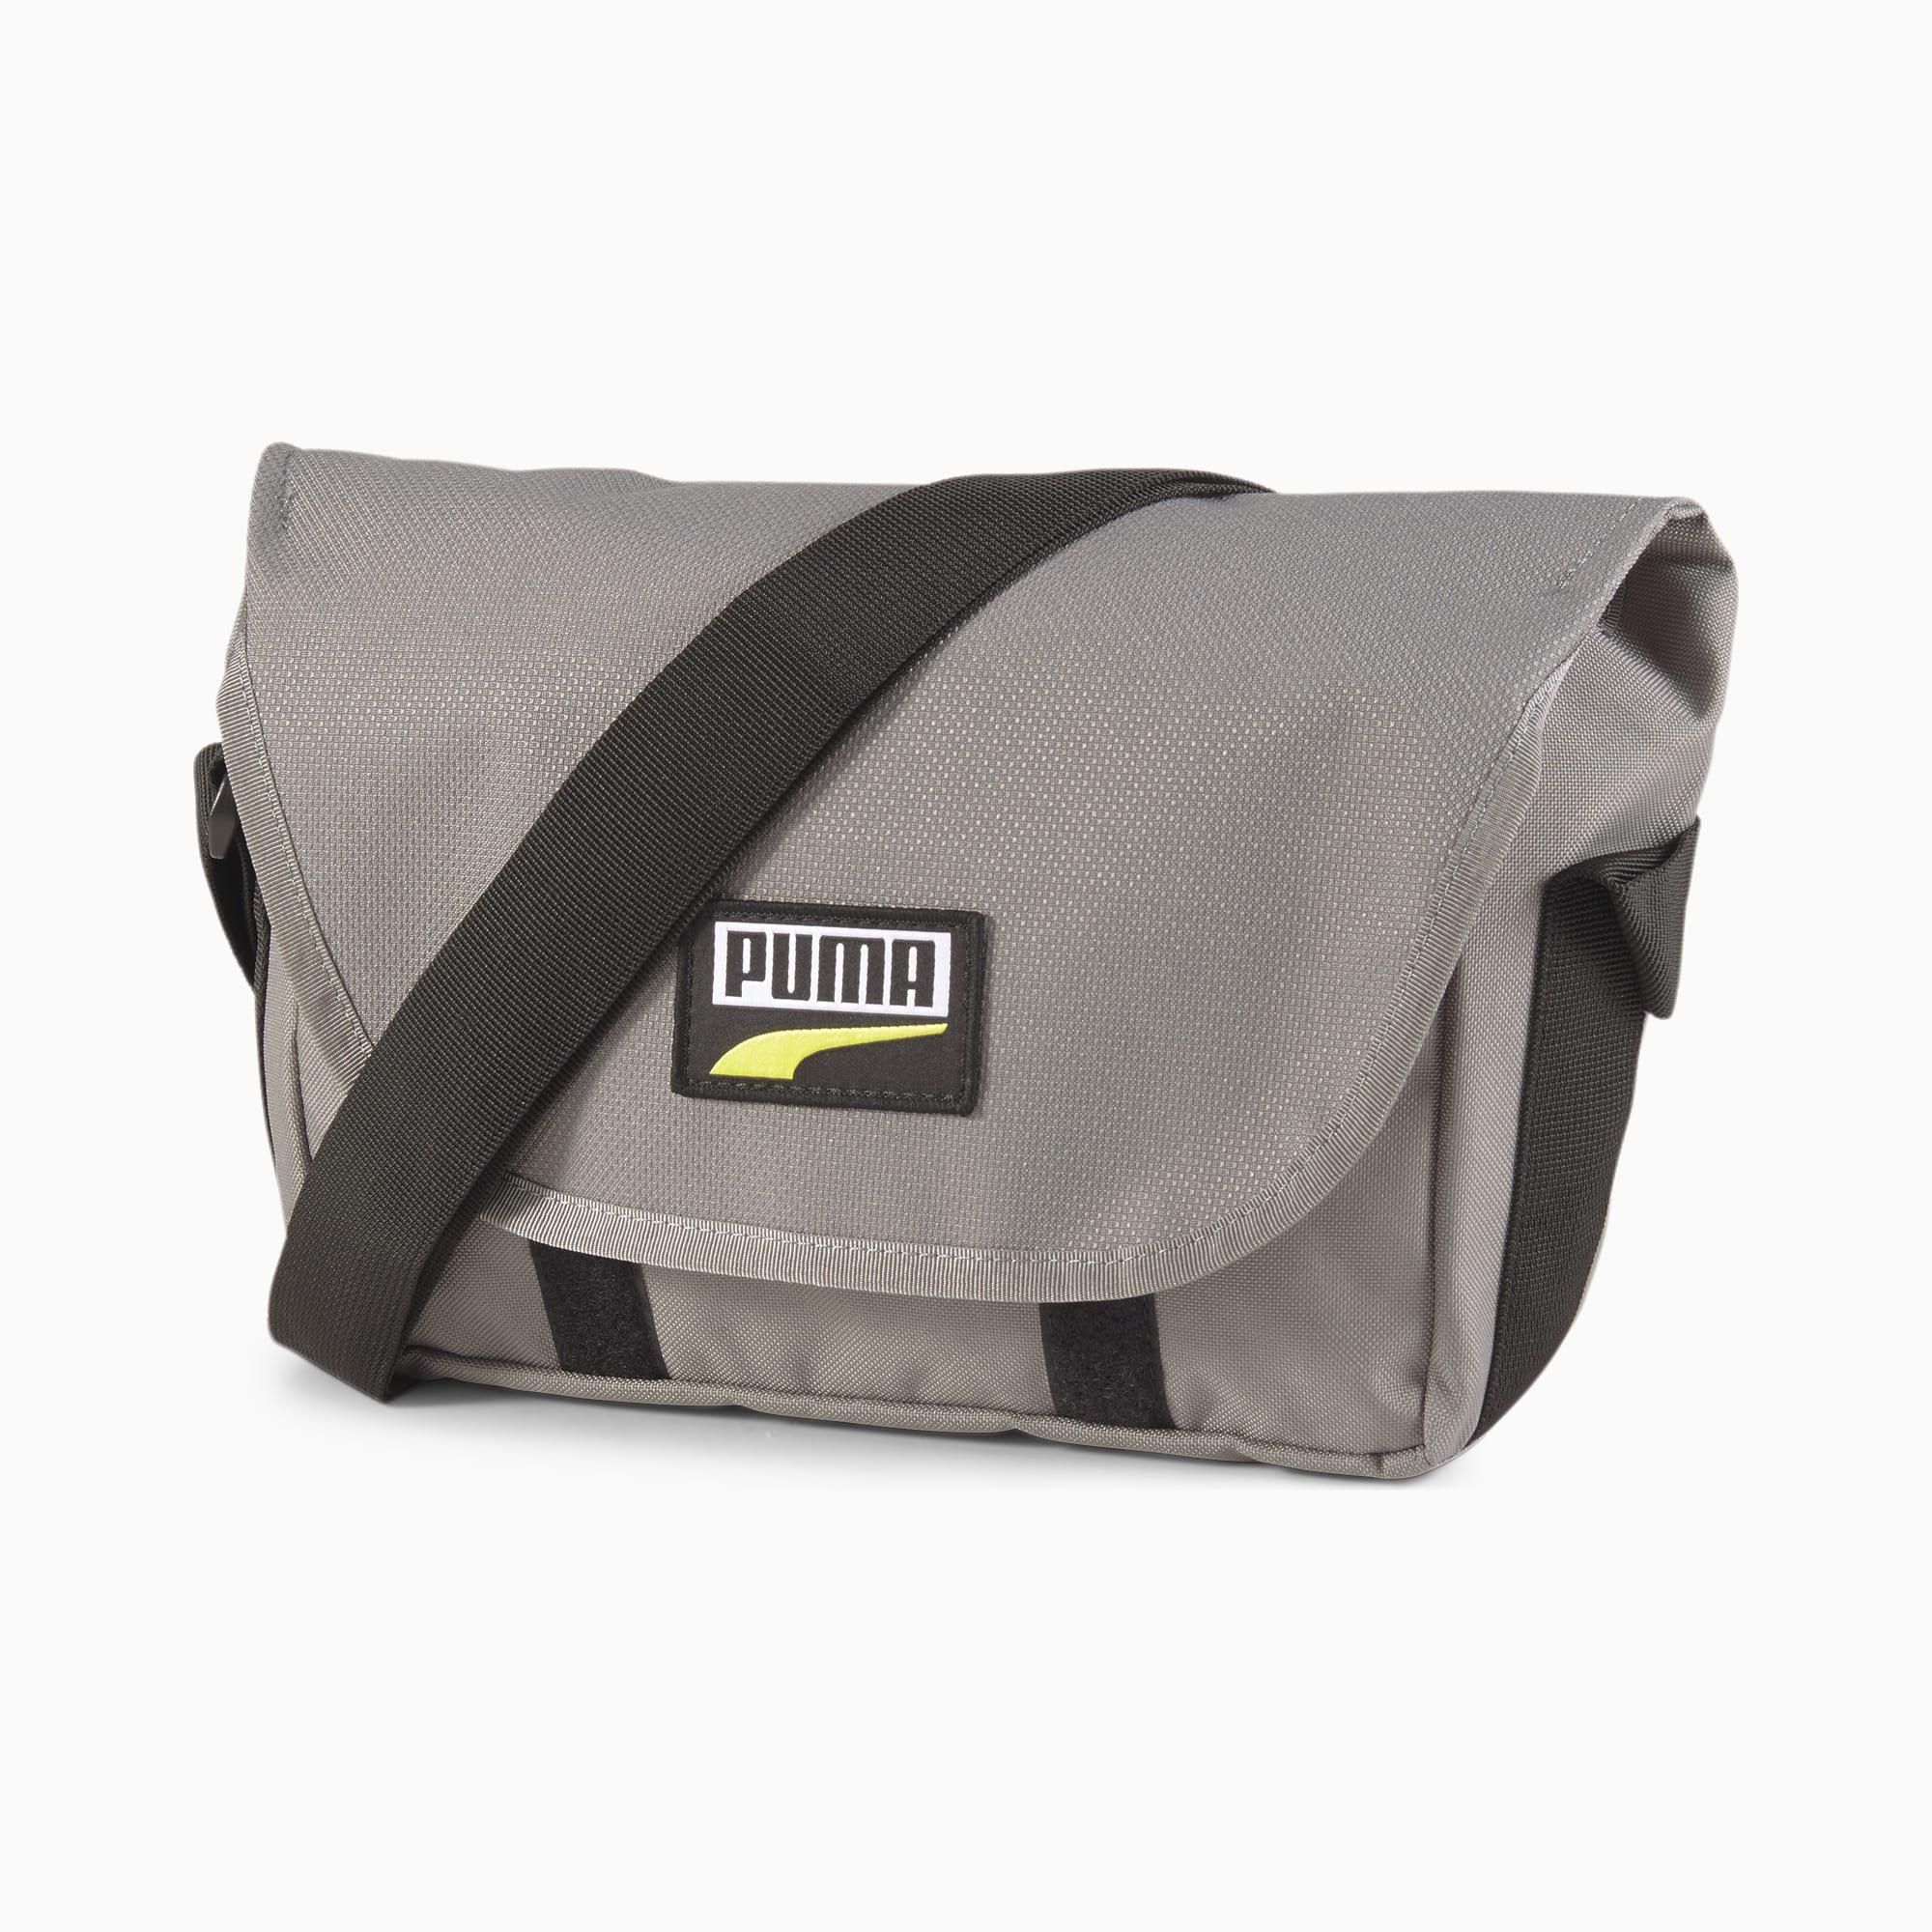 PUMA Deck Mini Messenger Bag